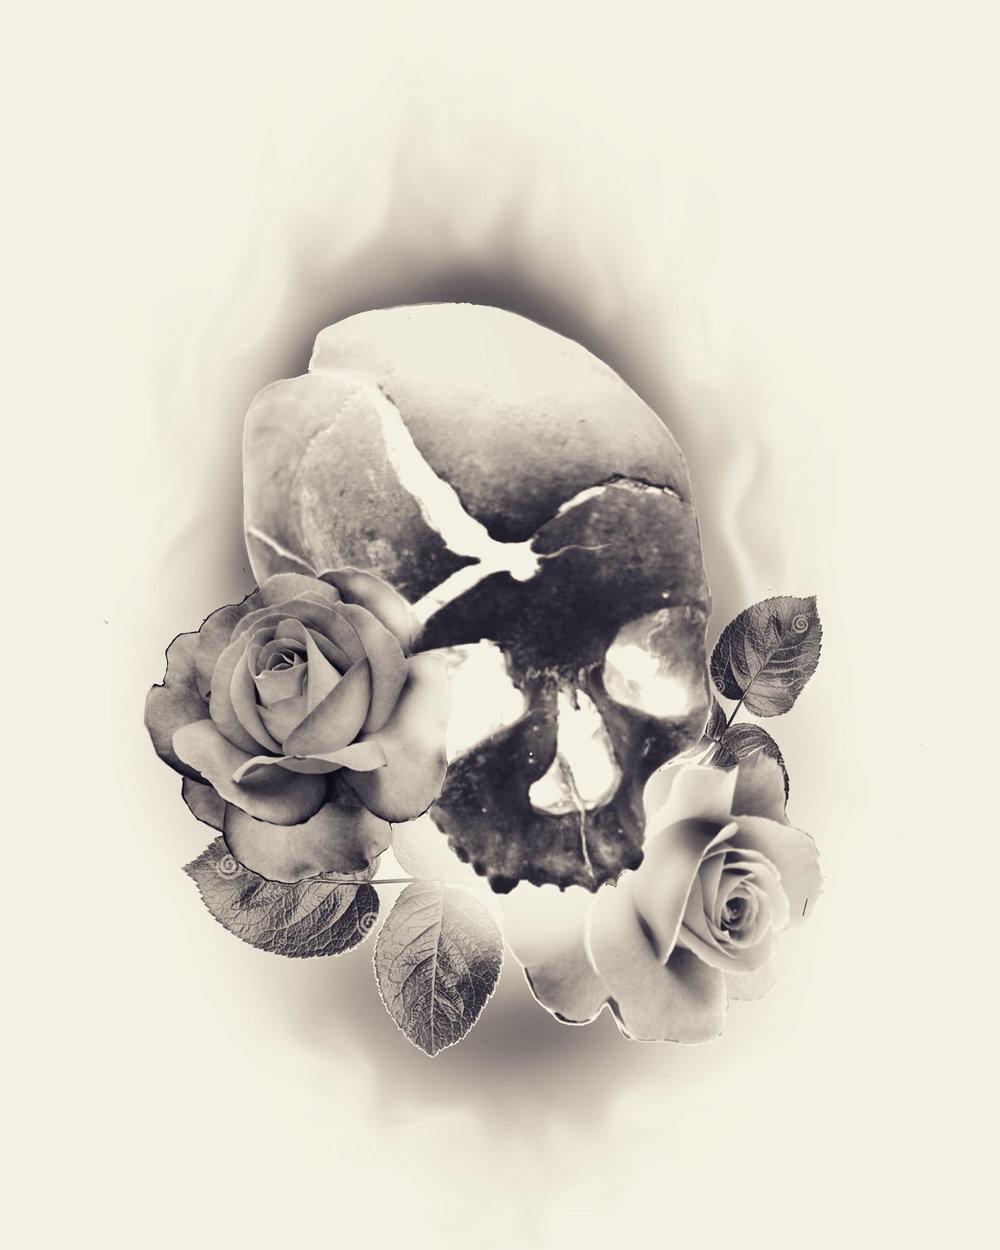 miranda skull and roses.jpg